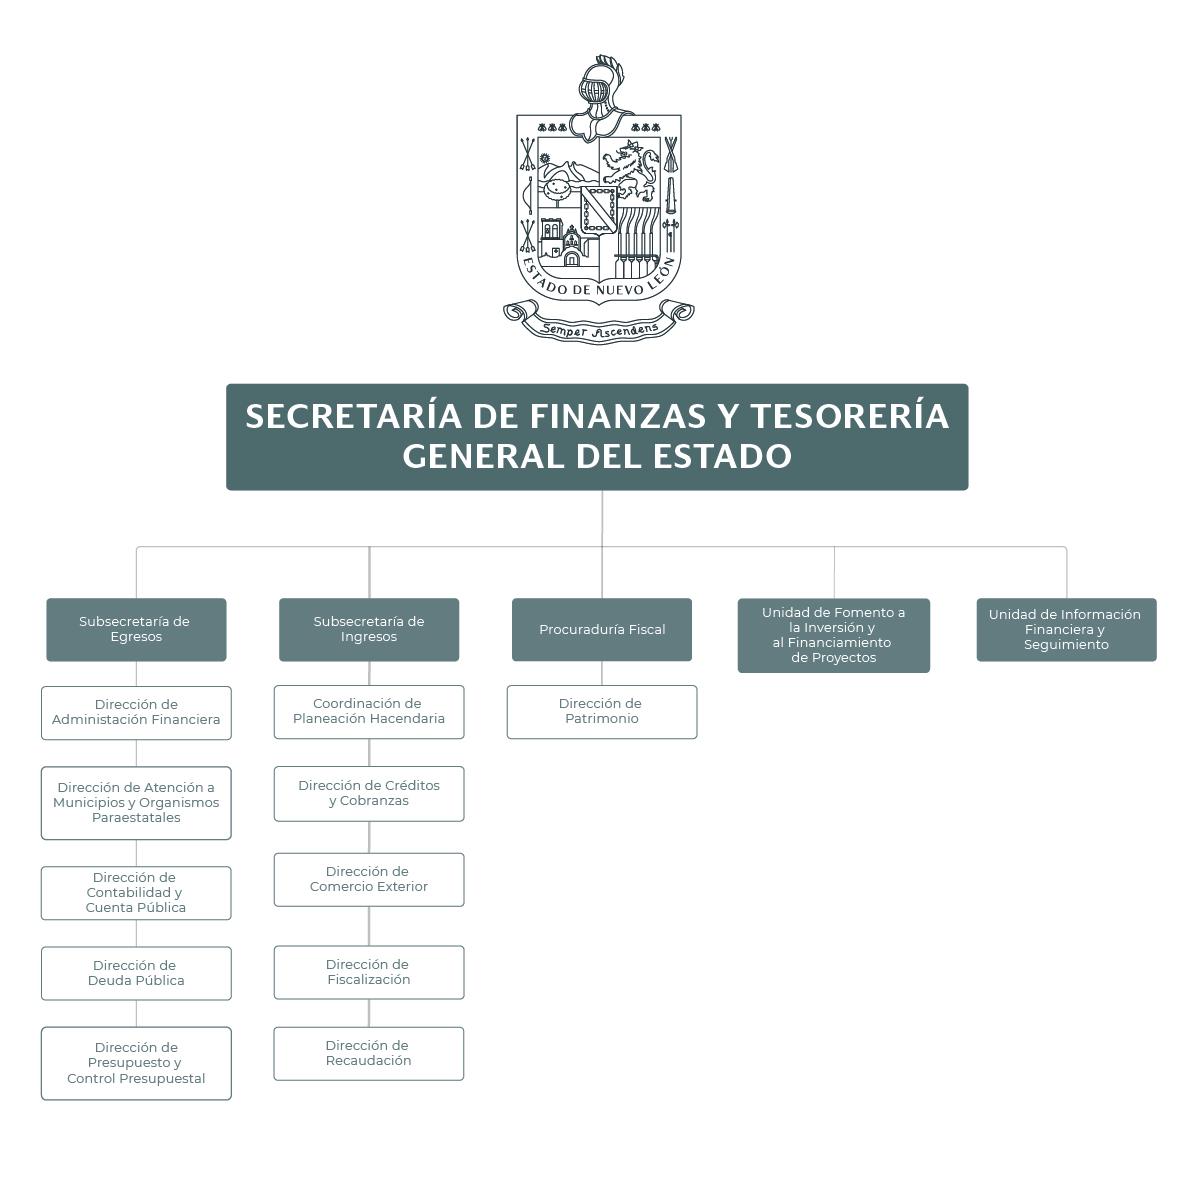 Organigrama de la Secretaría de Finanzas y Tesorería General del Estado